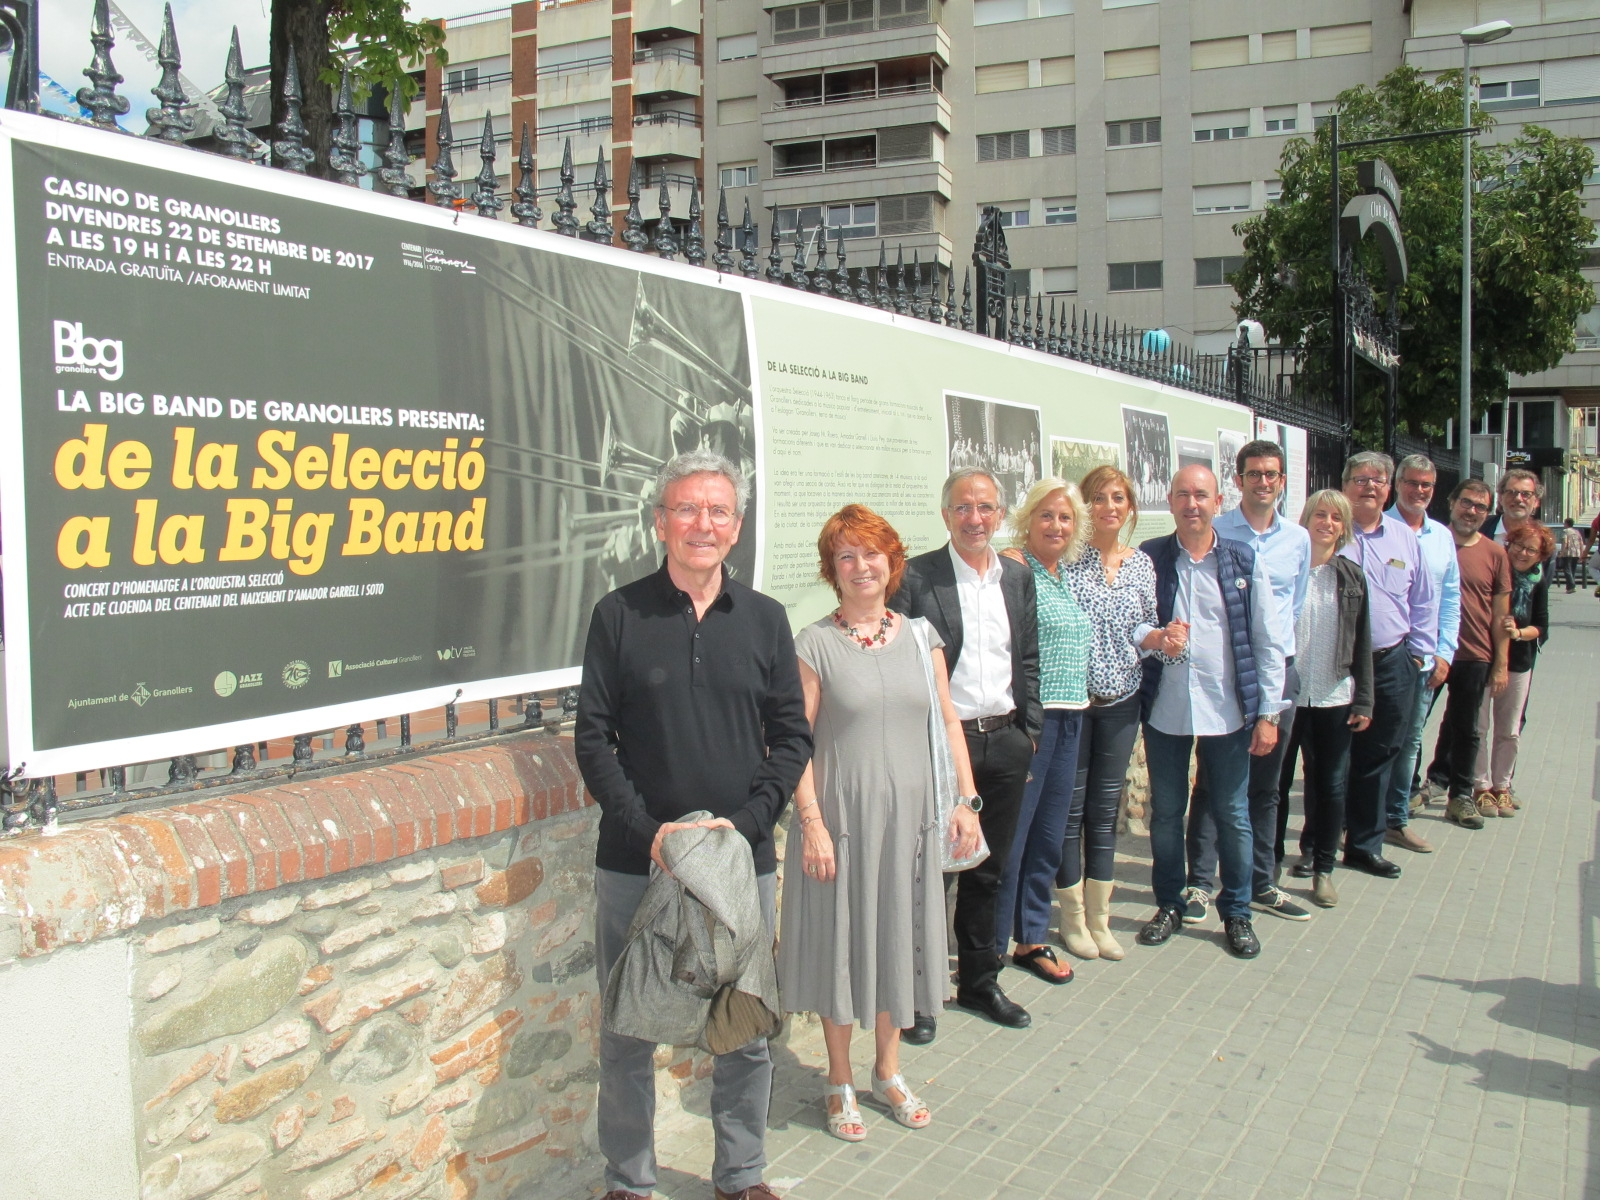 La presentació del concert s'ha fet al Casino amb representants de tots els implicats